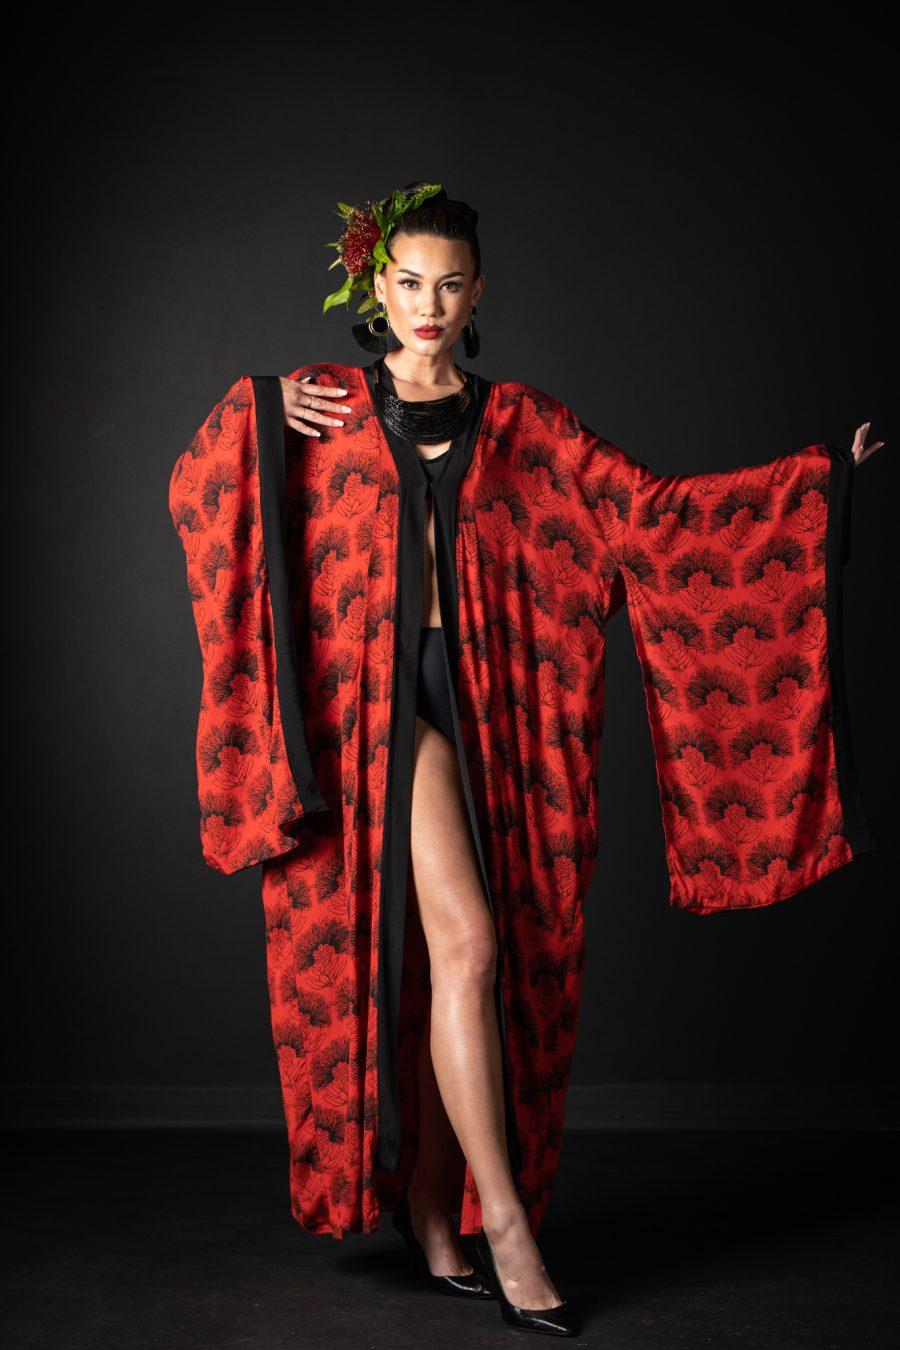 Model wearing Kaliko Kaftan in Firey Red Black Kalihilehua Pattern